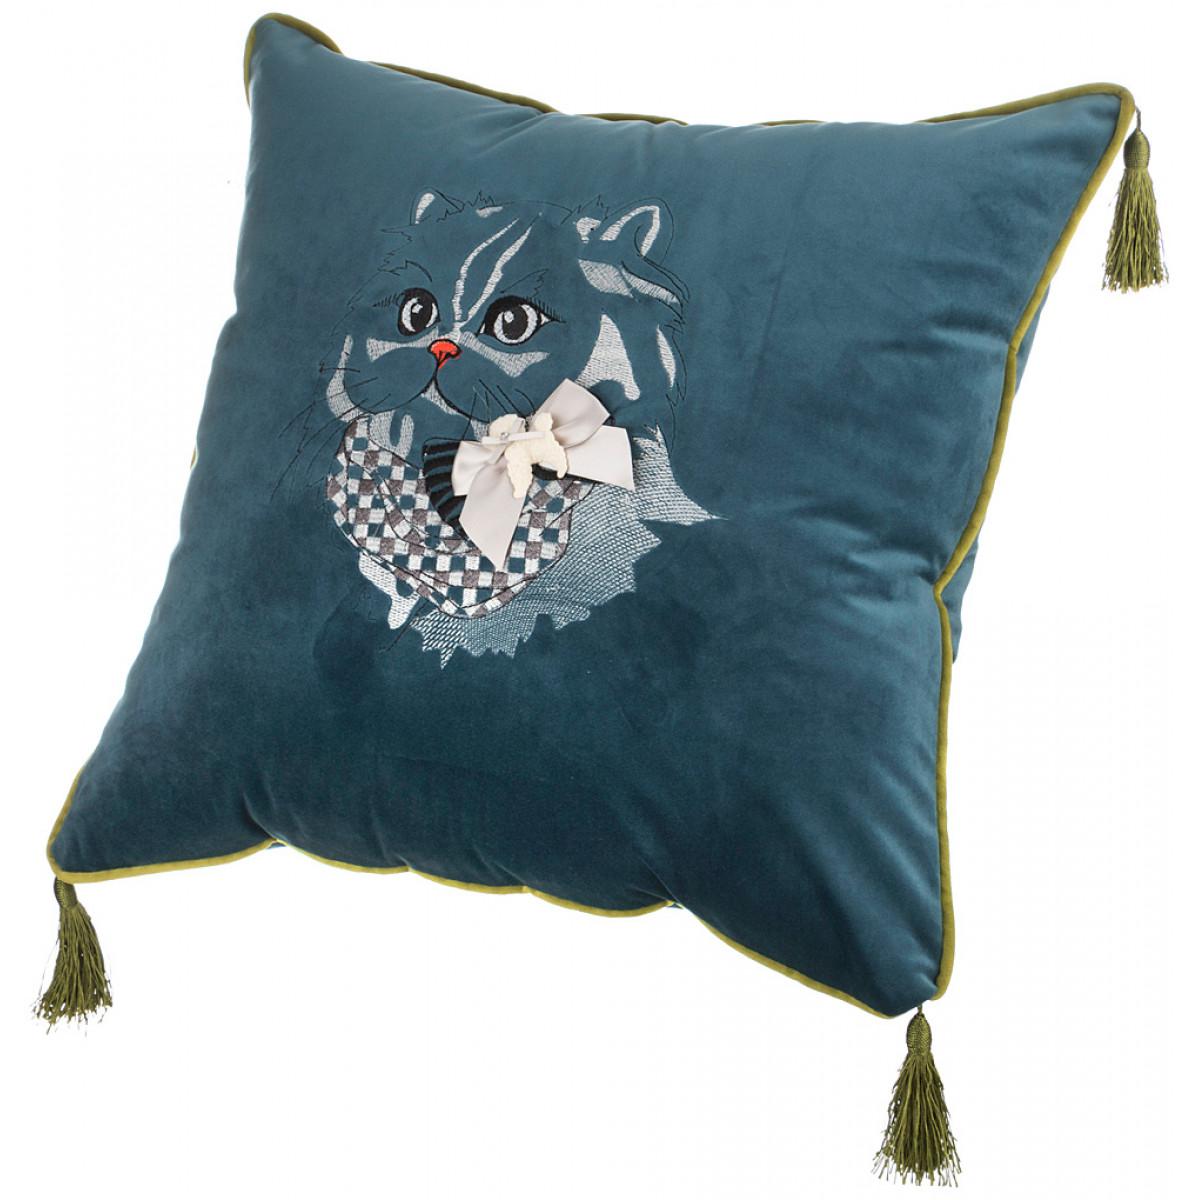 Декоративные подушки Santalino Декоративная подушка Marigold  (45х45) подушка арти м декоративная 45х45 см цветы 703 694 37